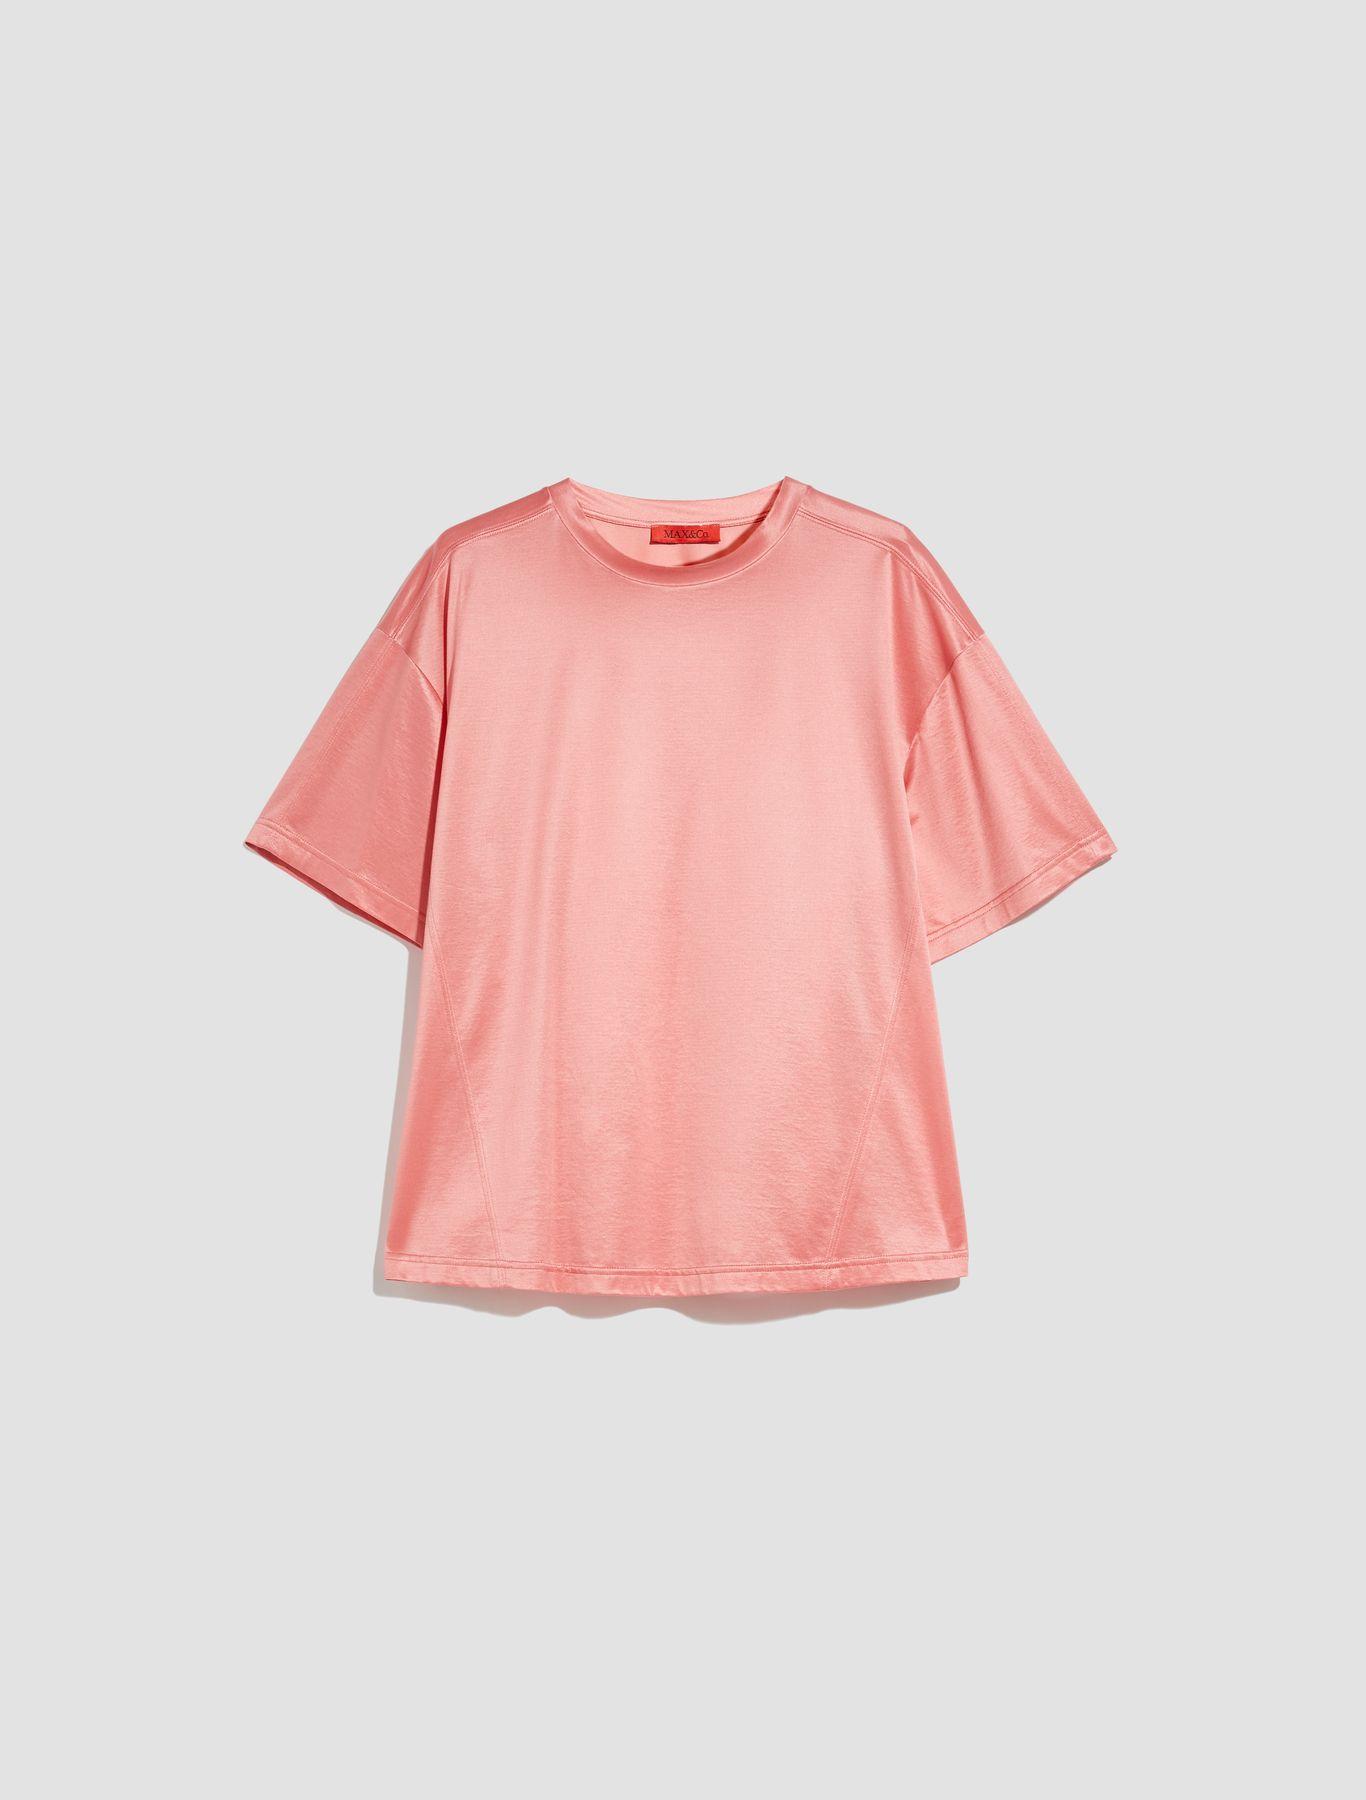 DARIA T-shirt coral 5